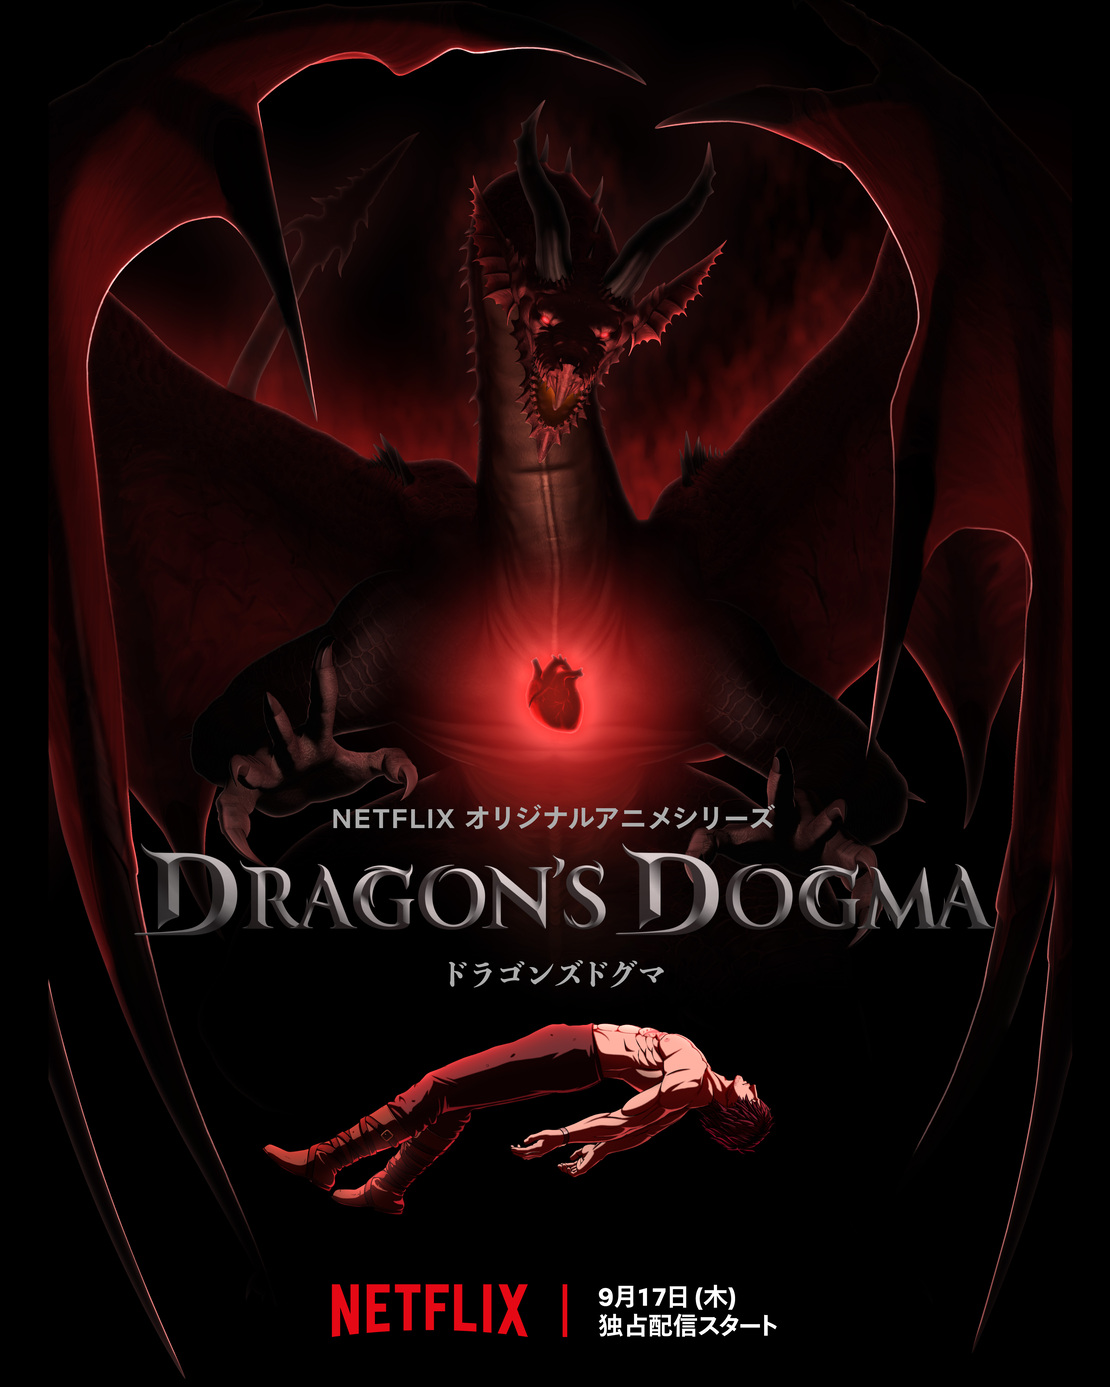 世界的大人気ゲームがアニメ化!新作Netflixオリジナルアニメ「ドラゴンズドグマ」配信日&ビジュアル公開